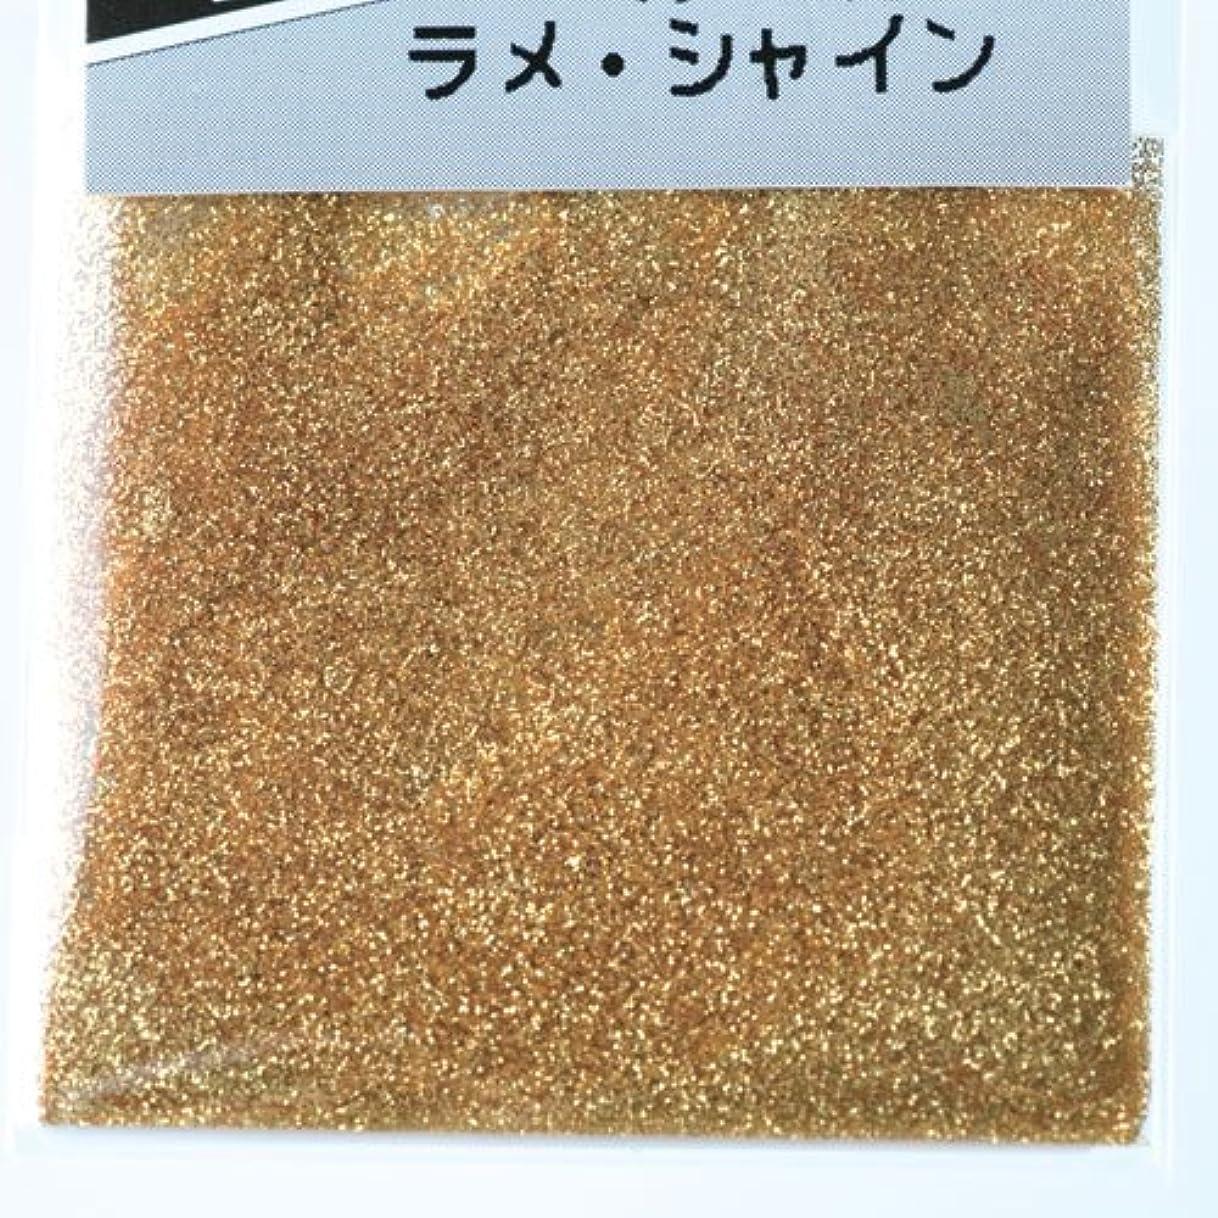 スチュアート島キャストルアーピカエース ネイル用パウダー ピカエース ラメシャイン S #482 ゴールド 0.7g アート材